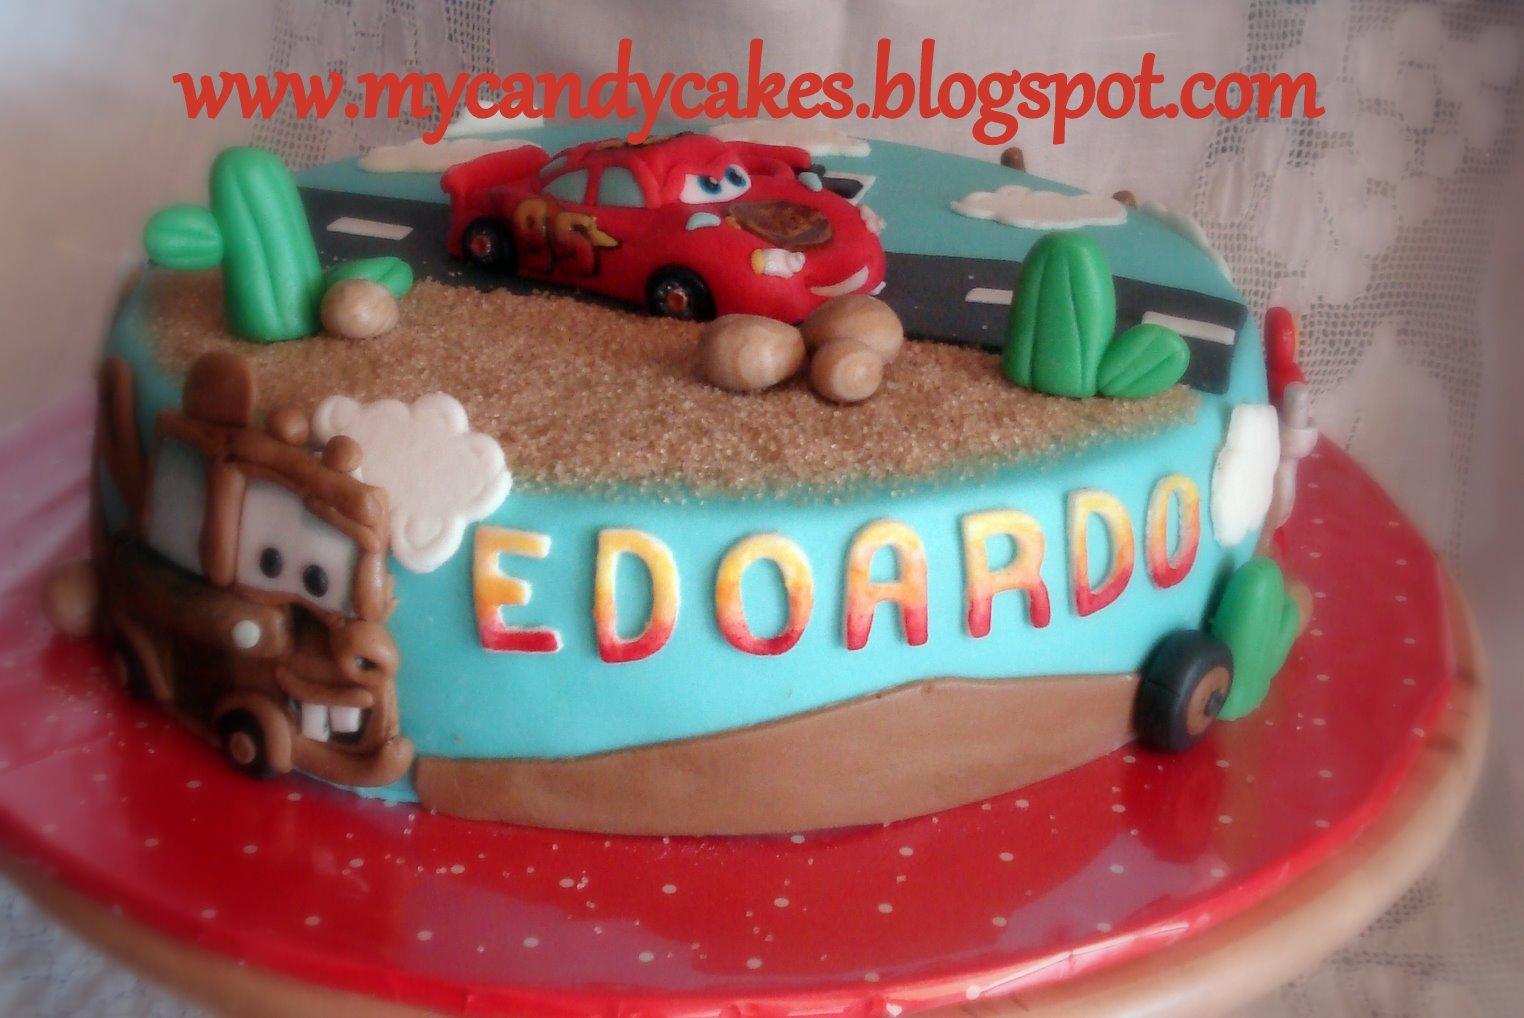 http://4.bp.blogspot.com/_7ecF2_pG39s/TPJ0UECzsqI/AAAAAAAAAss/ZZTBO8yVYxc/s1600/DSC02439.JPG